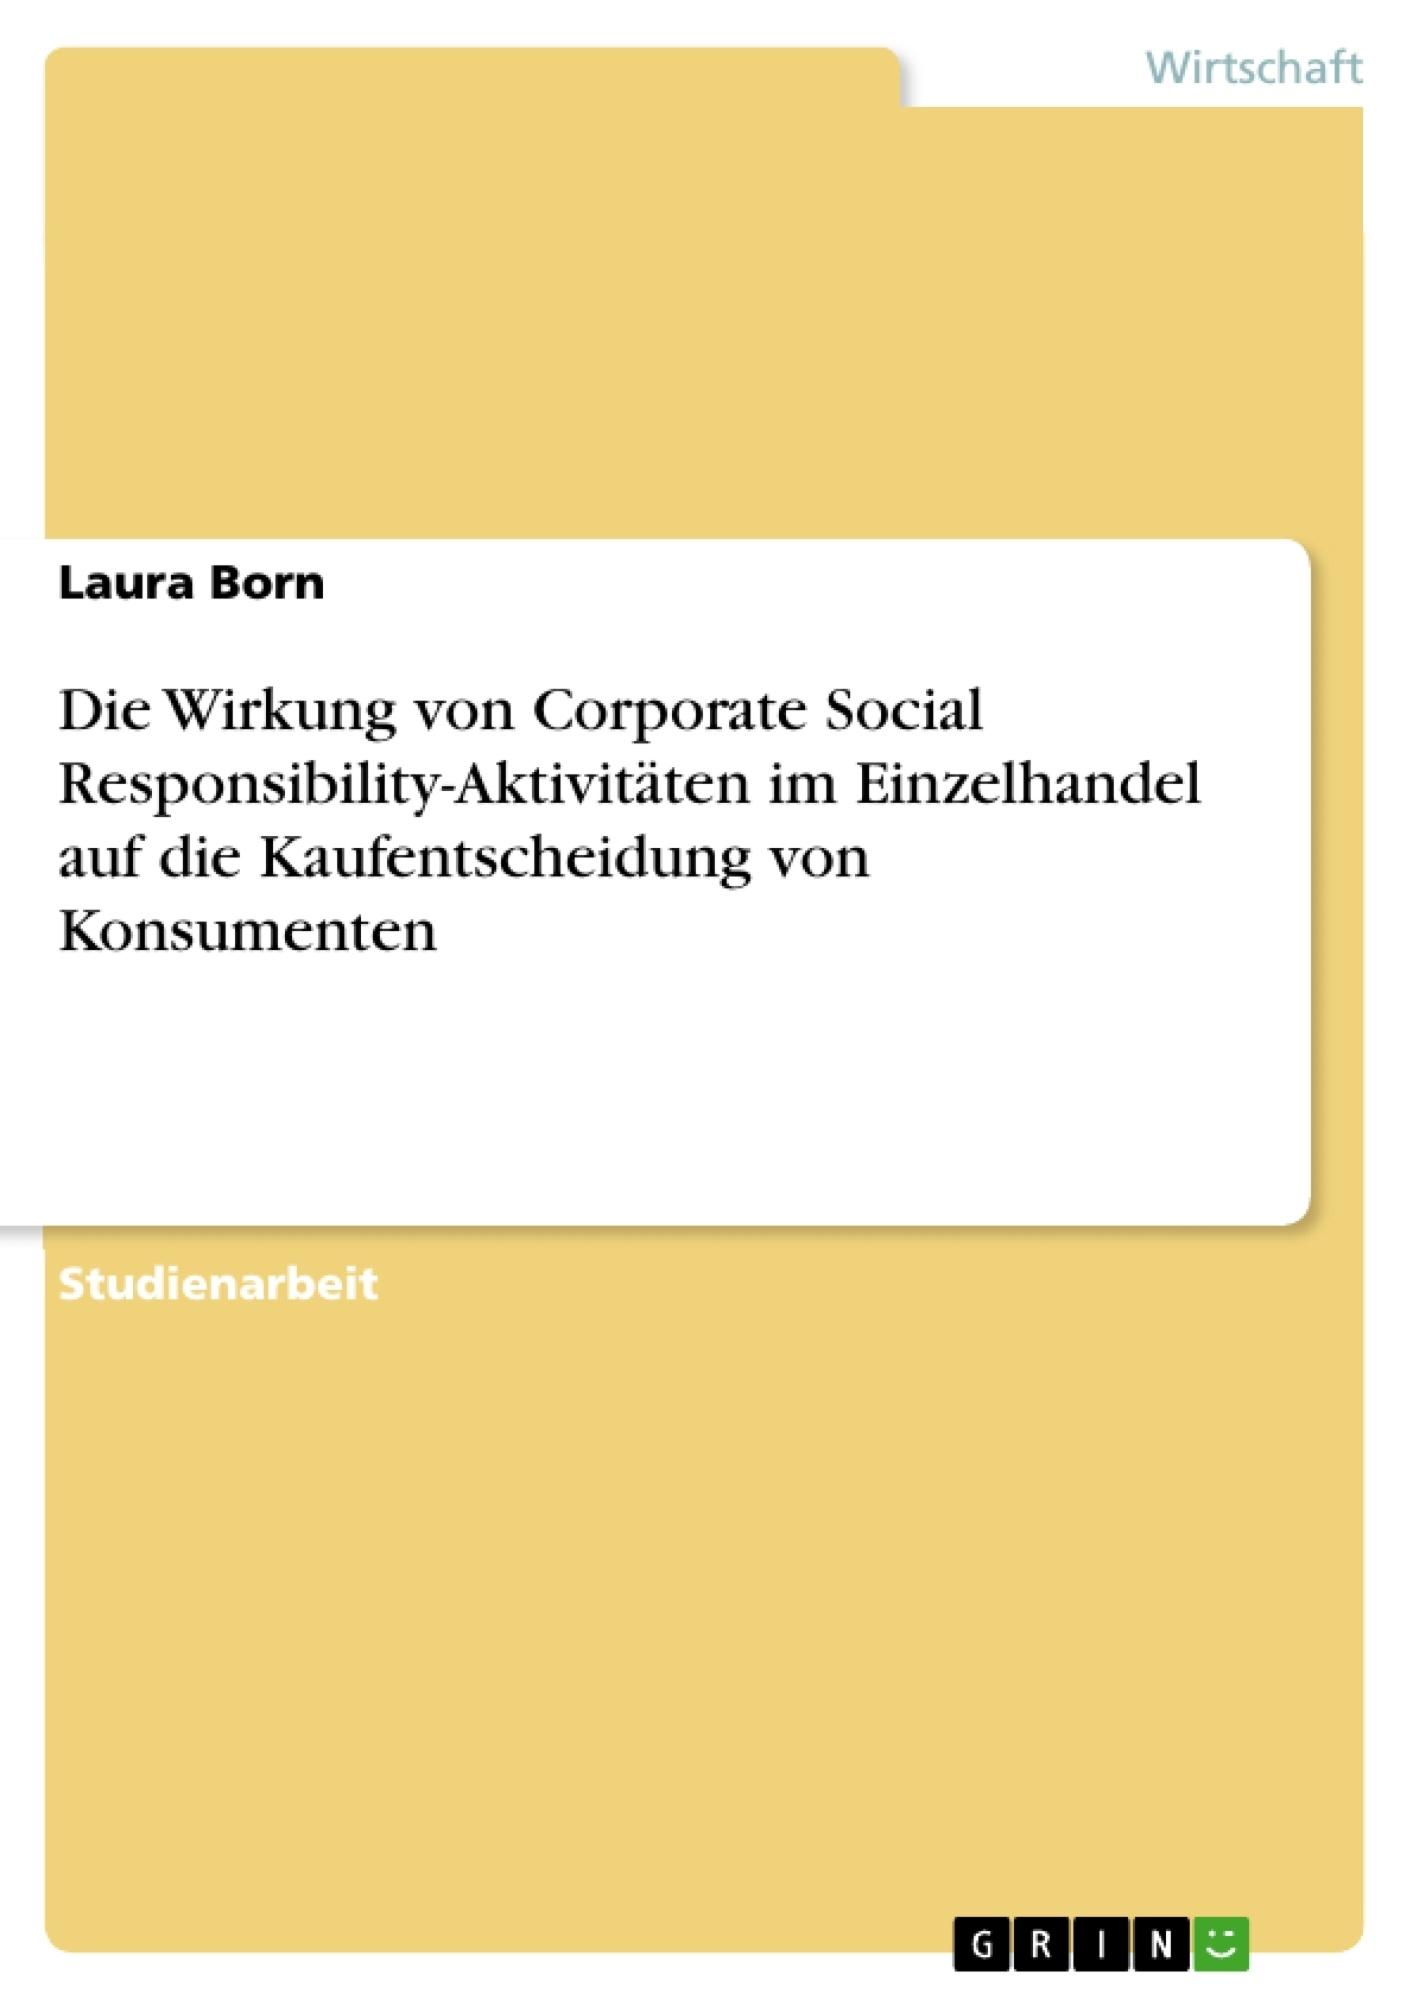 Titel: Die Wirkung von Corporate Social Responsibility-Aktivitäten im Einzelhandel auf die Kaufentscheidung von Konsumenten